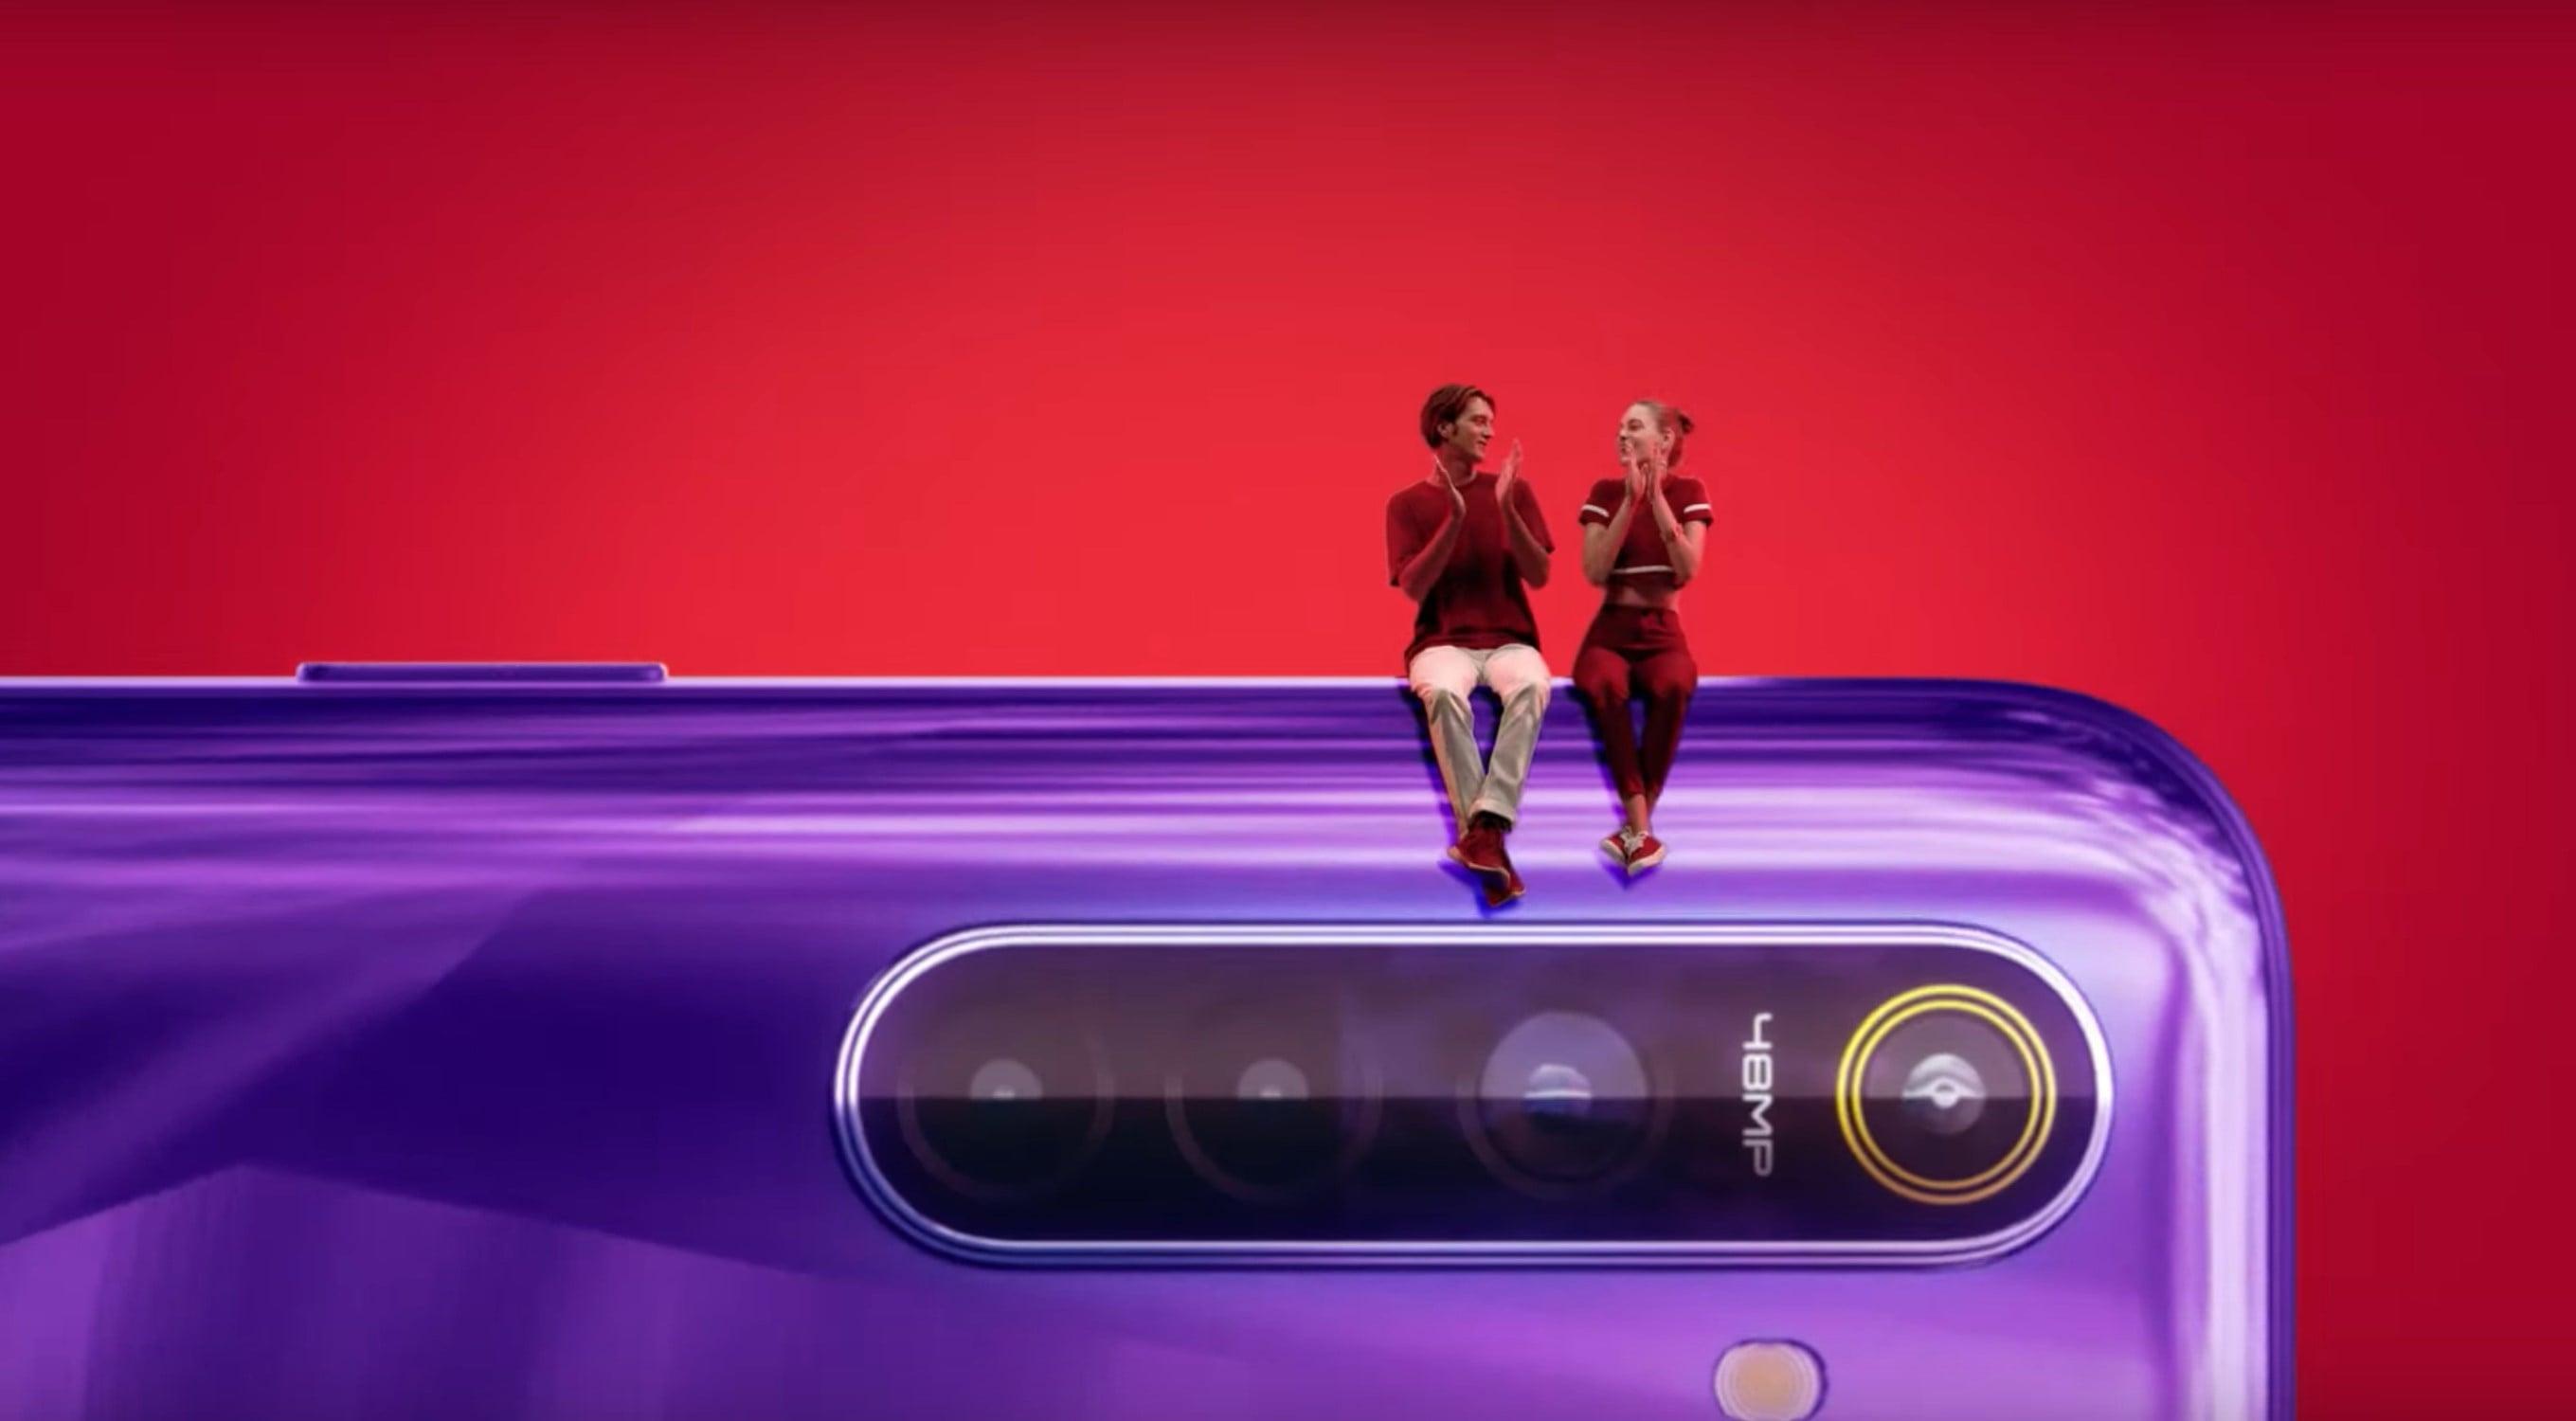 Nowe smartfony Realme 5 i 5 Pro z poczwórnymi aparatami to salwa oddana w kierunku Xiaomi